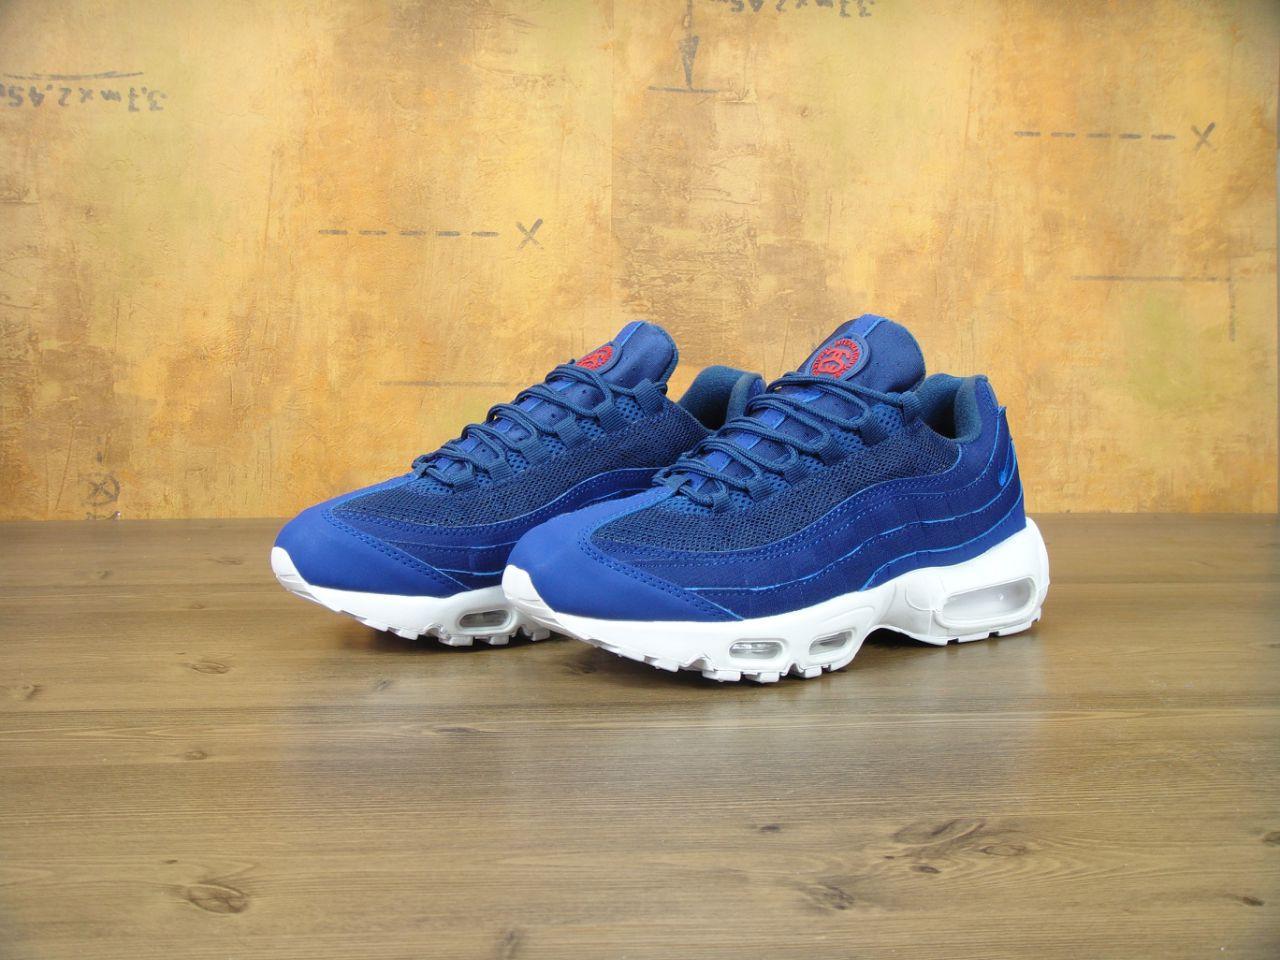 c455a620 Кроссовки мужские Nike Air Max 95 x Stussy Loyal Blue Реплика - Work Hard  Shop в